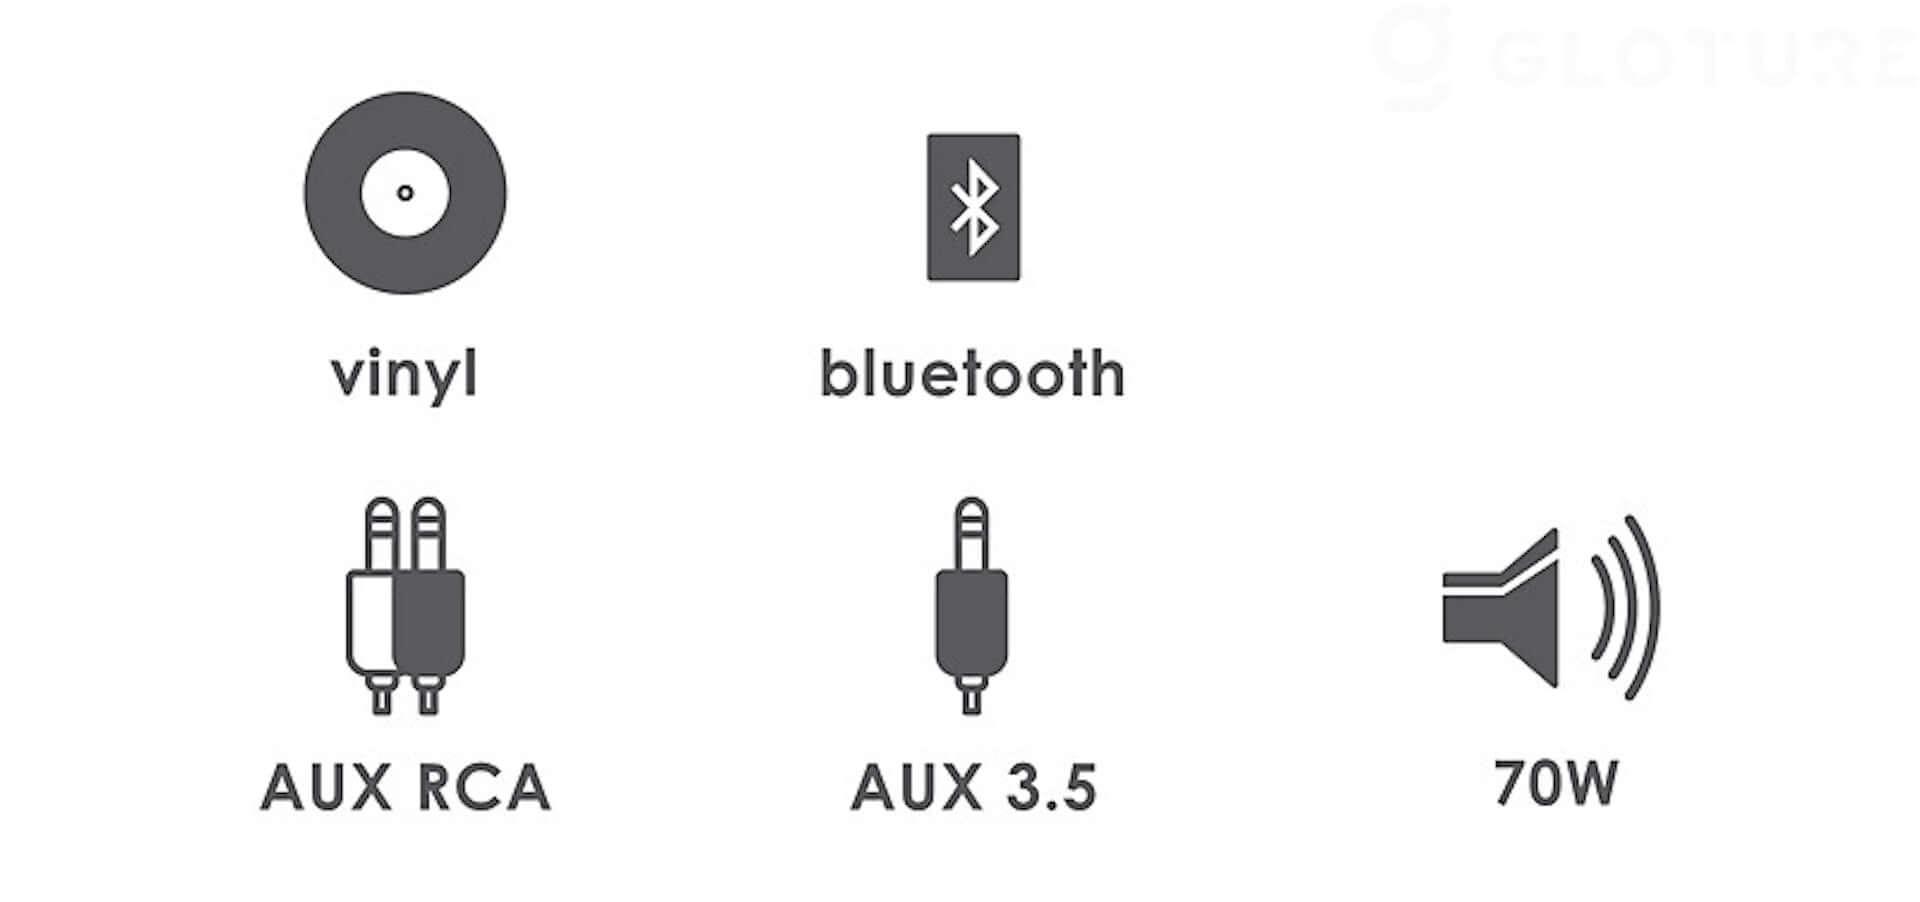 レコードもスマートフォンの音楽もこれ1つで!スピーカー内蔵型レコードプレイヤーがGLOTURE.JPにて販売開始 tech200520_hymseed_07-1920x902